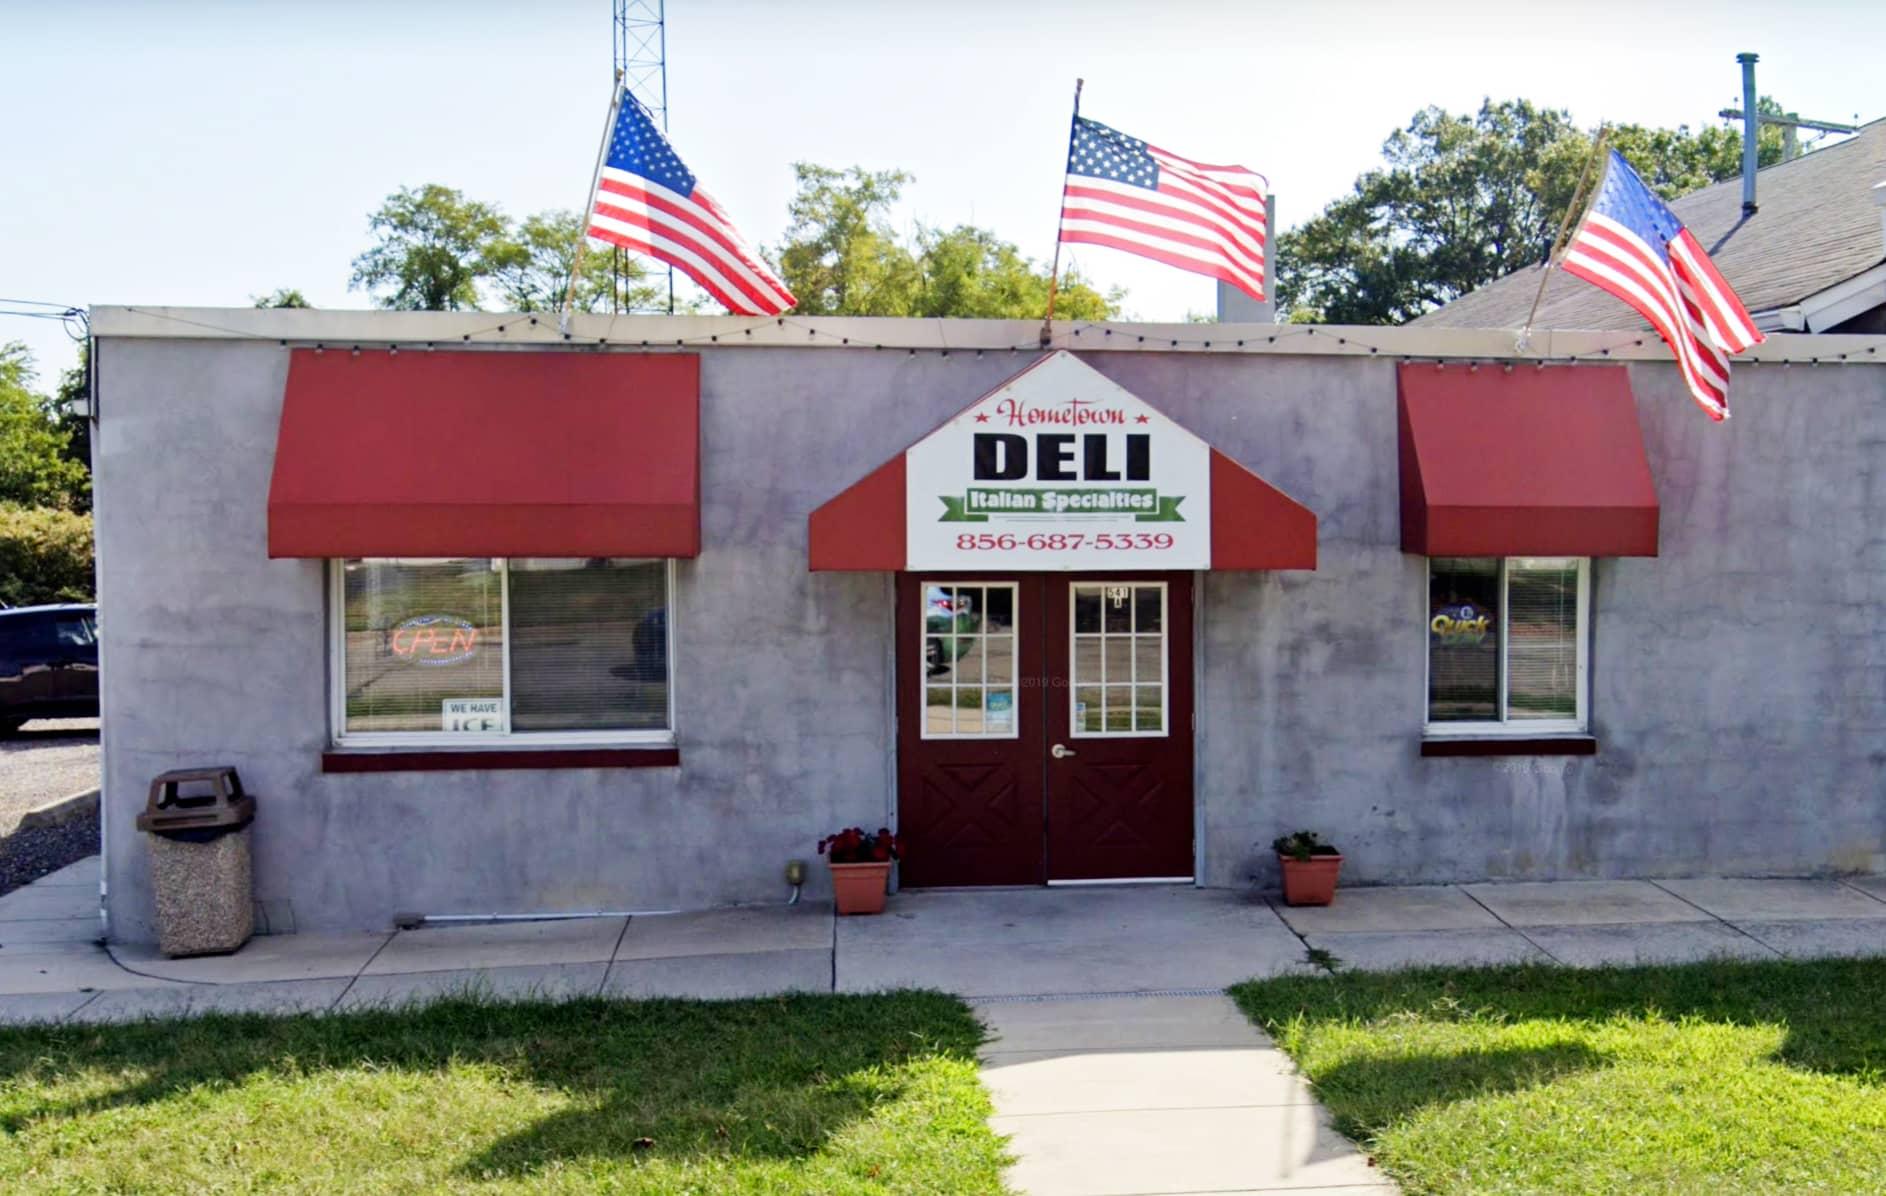 Your Hometown Deli in Paulsboro, N.J.